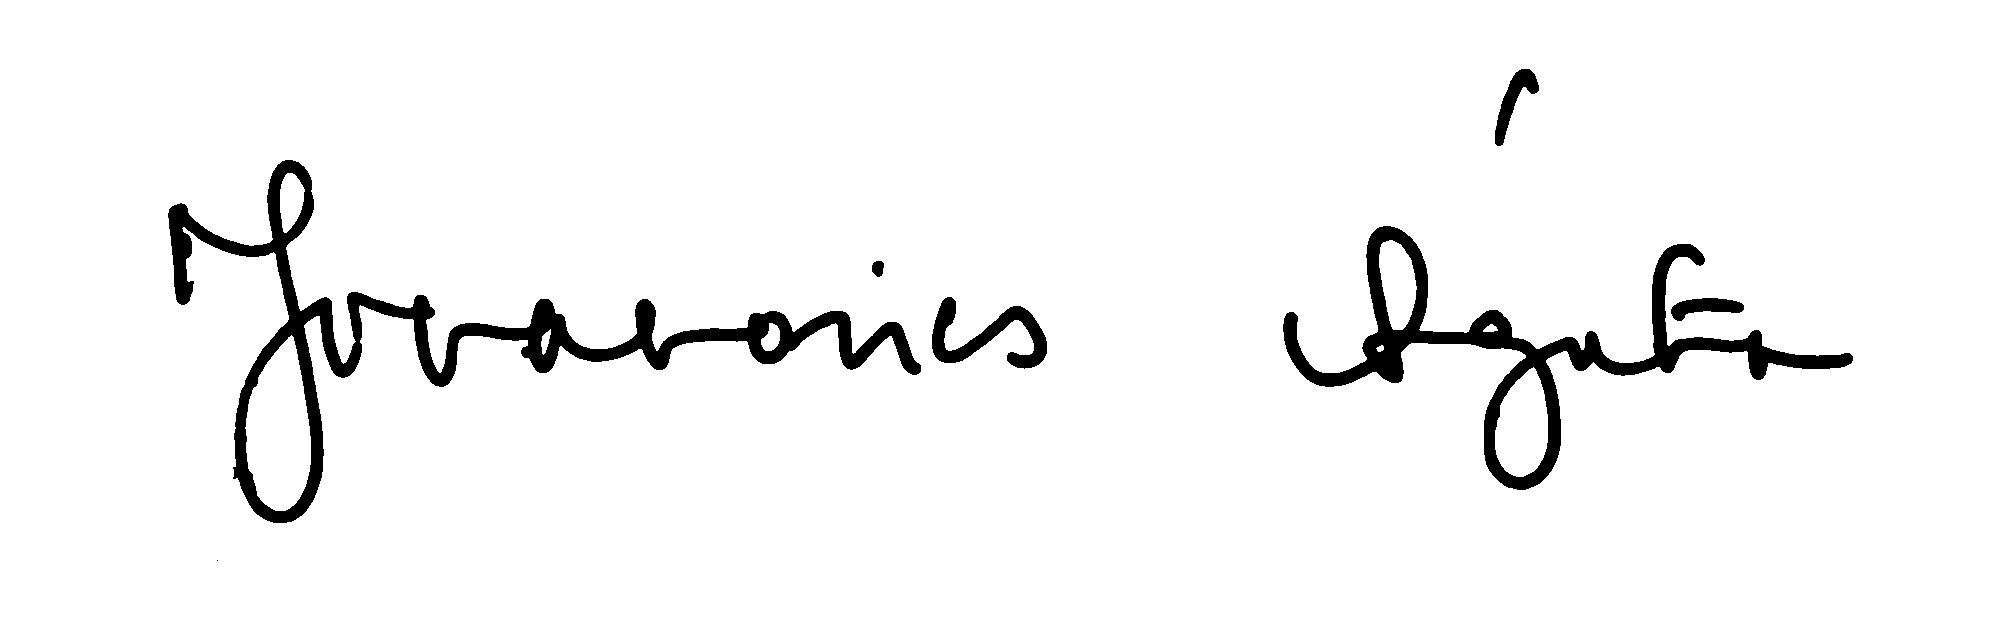 alairas (1)